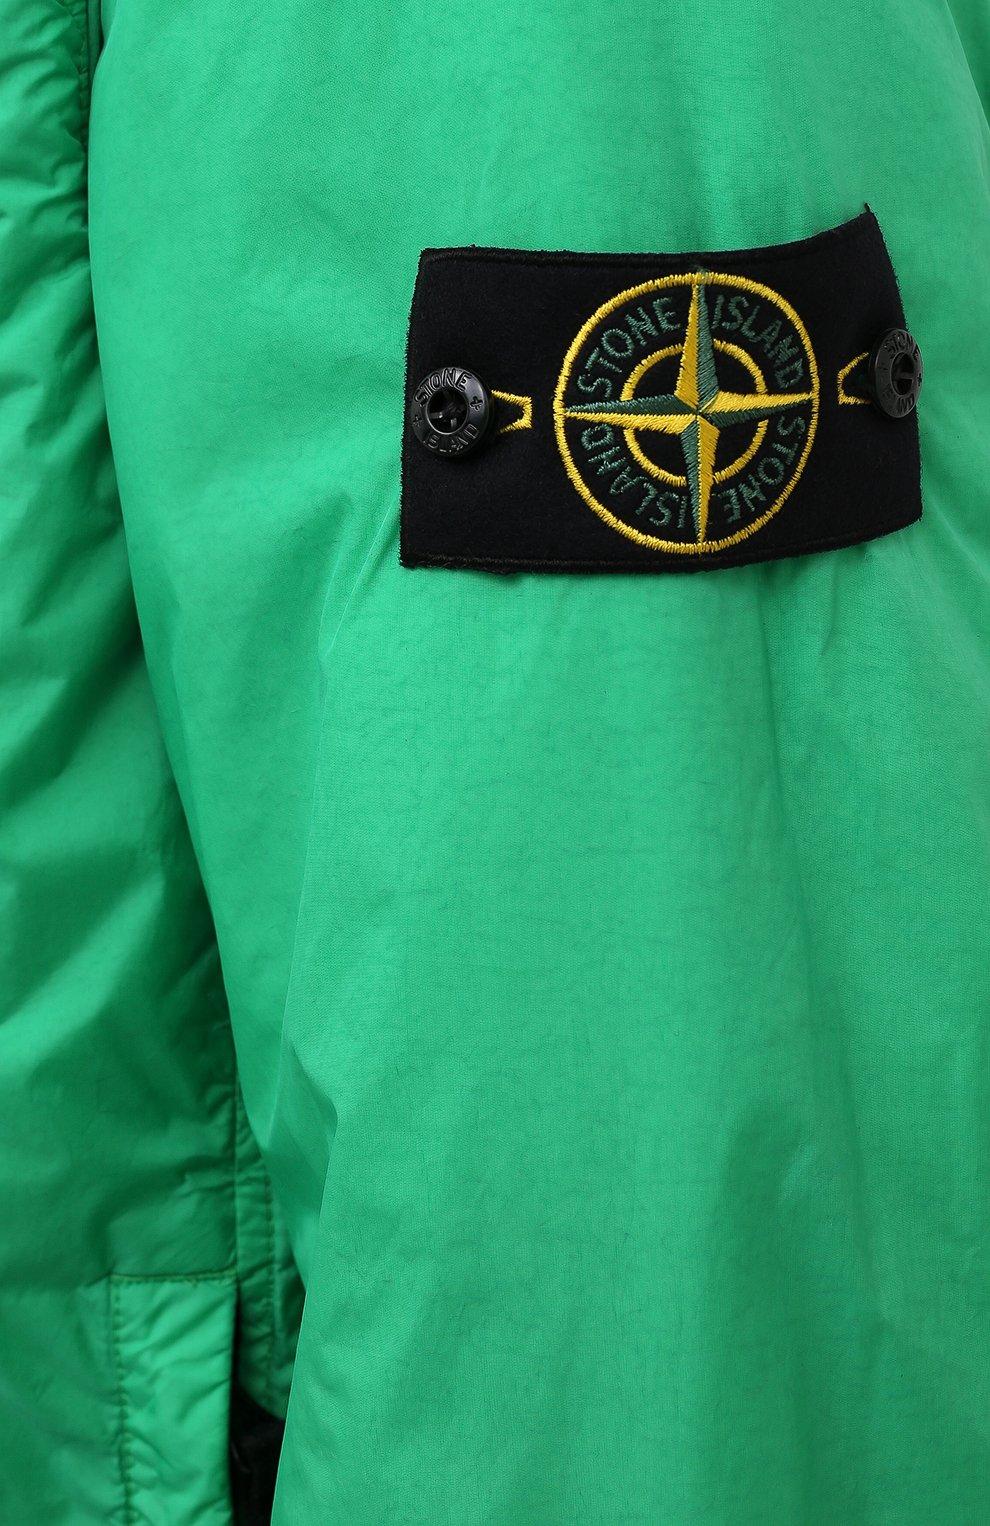 Мужской утепленный бомбер STONE ISLAND зеленого цвета, арт. 751542223   Фото 5 (Кросс-КТ: Куртка; Рукава: Длинные; Принт: Без принта; Материал внешний: Синтетический материал; Стили: Гранж; Мужское Кросс-КТ: утепленные куртки; Материал подклада: Синтетический материал; Длина (верхняя одежда): Короткие)